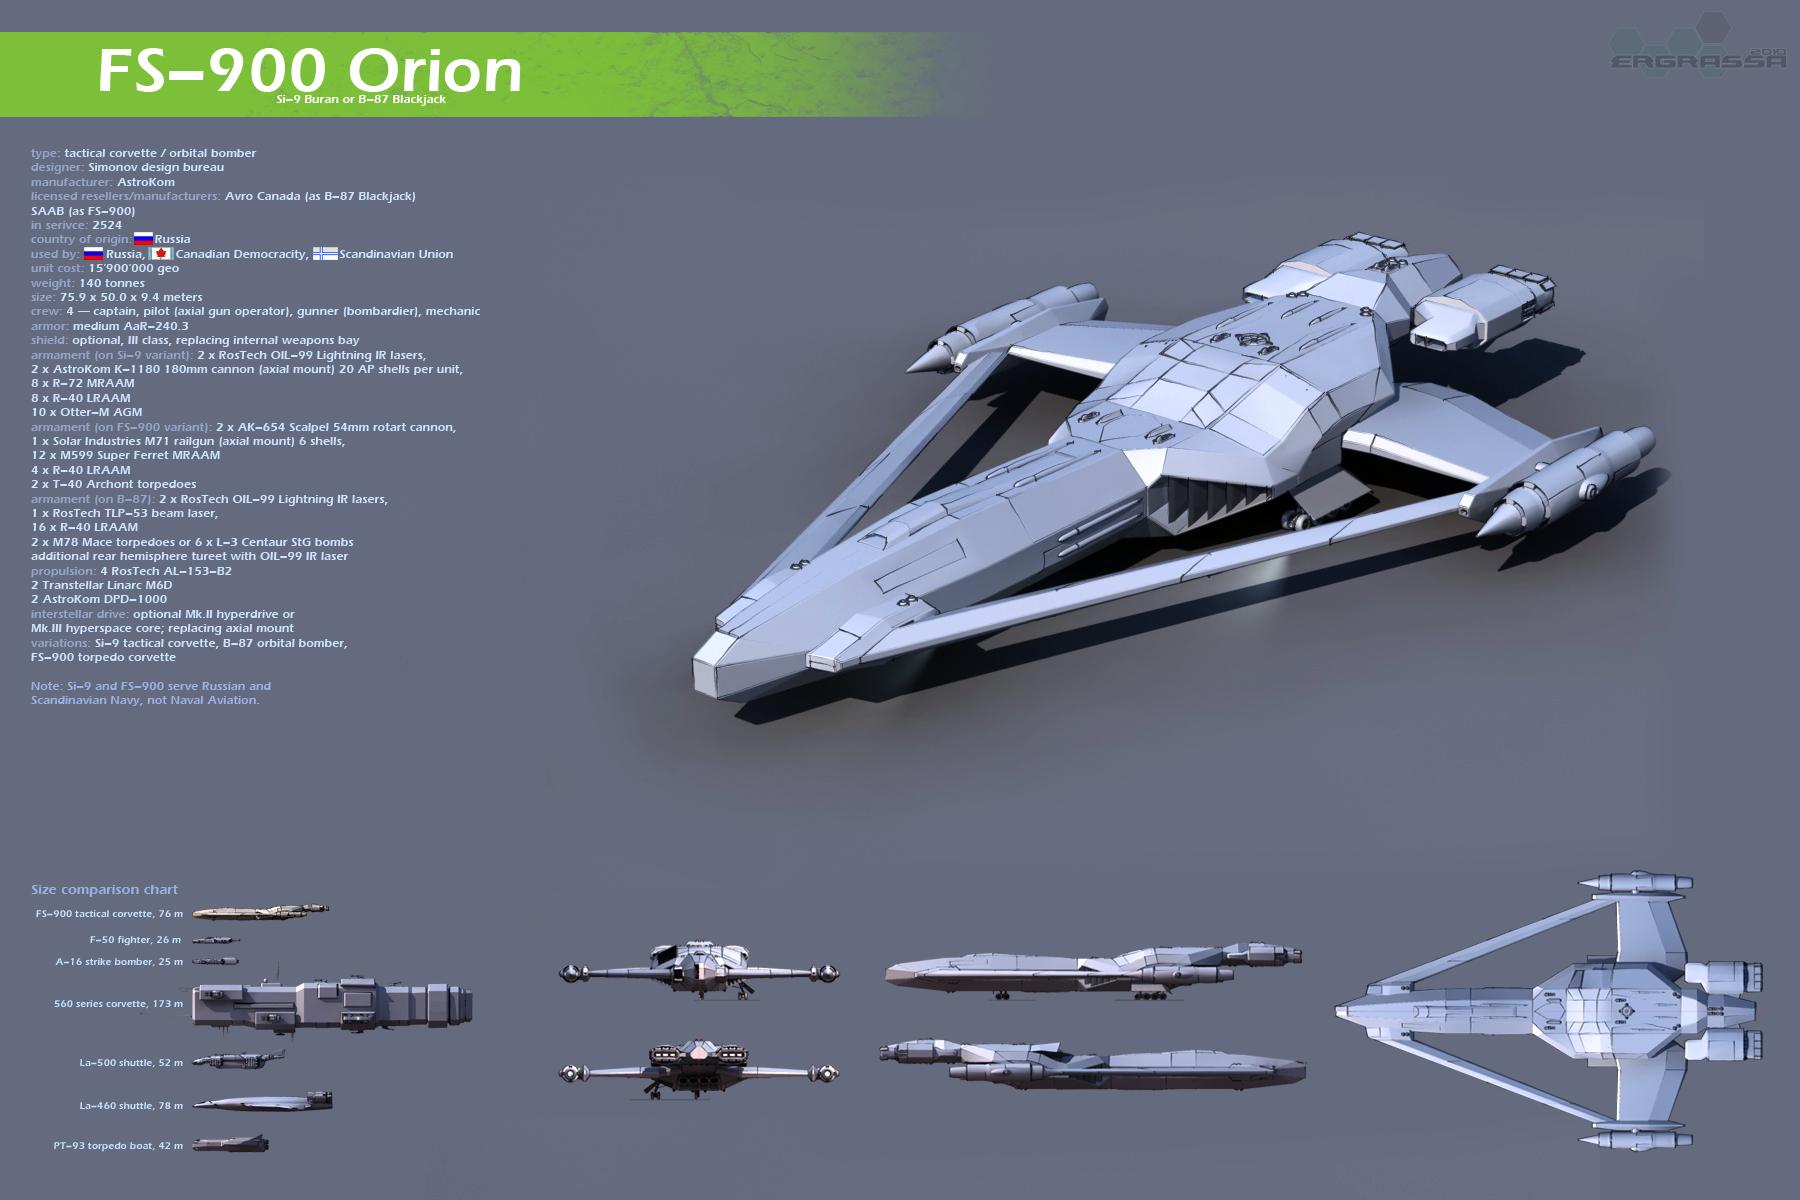 FS-900 Orion by Ergrassa